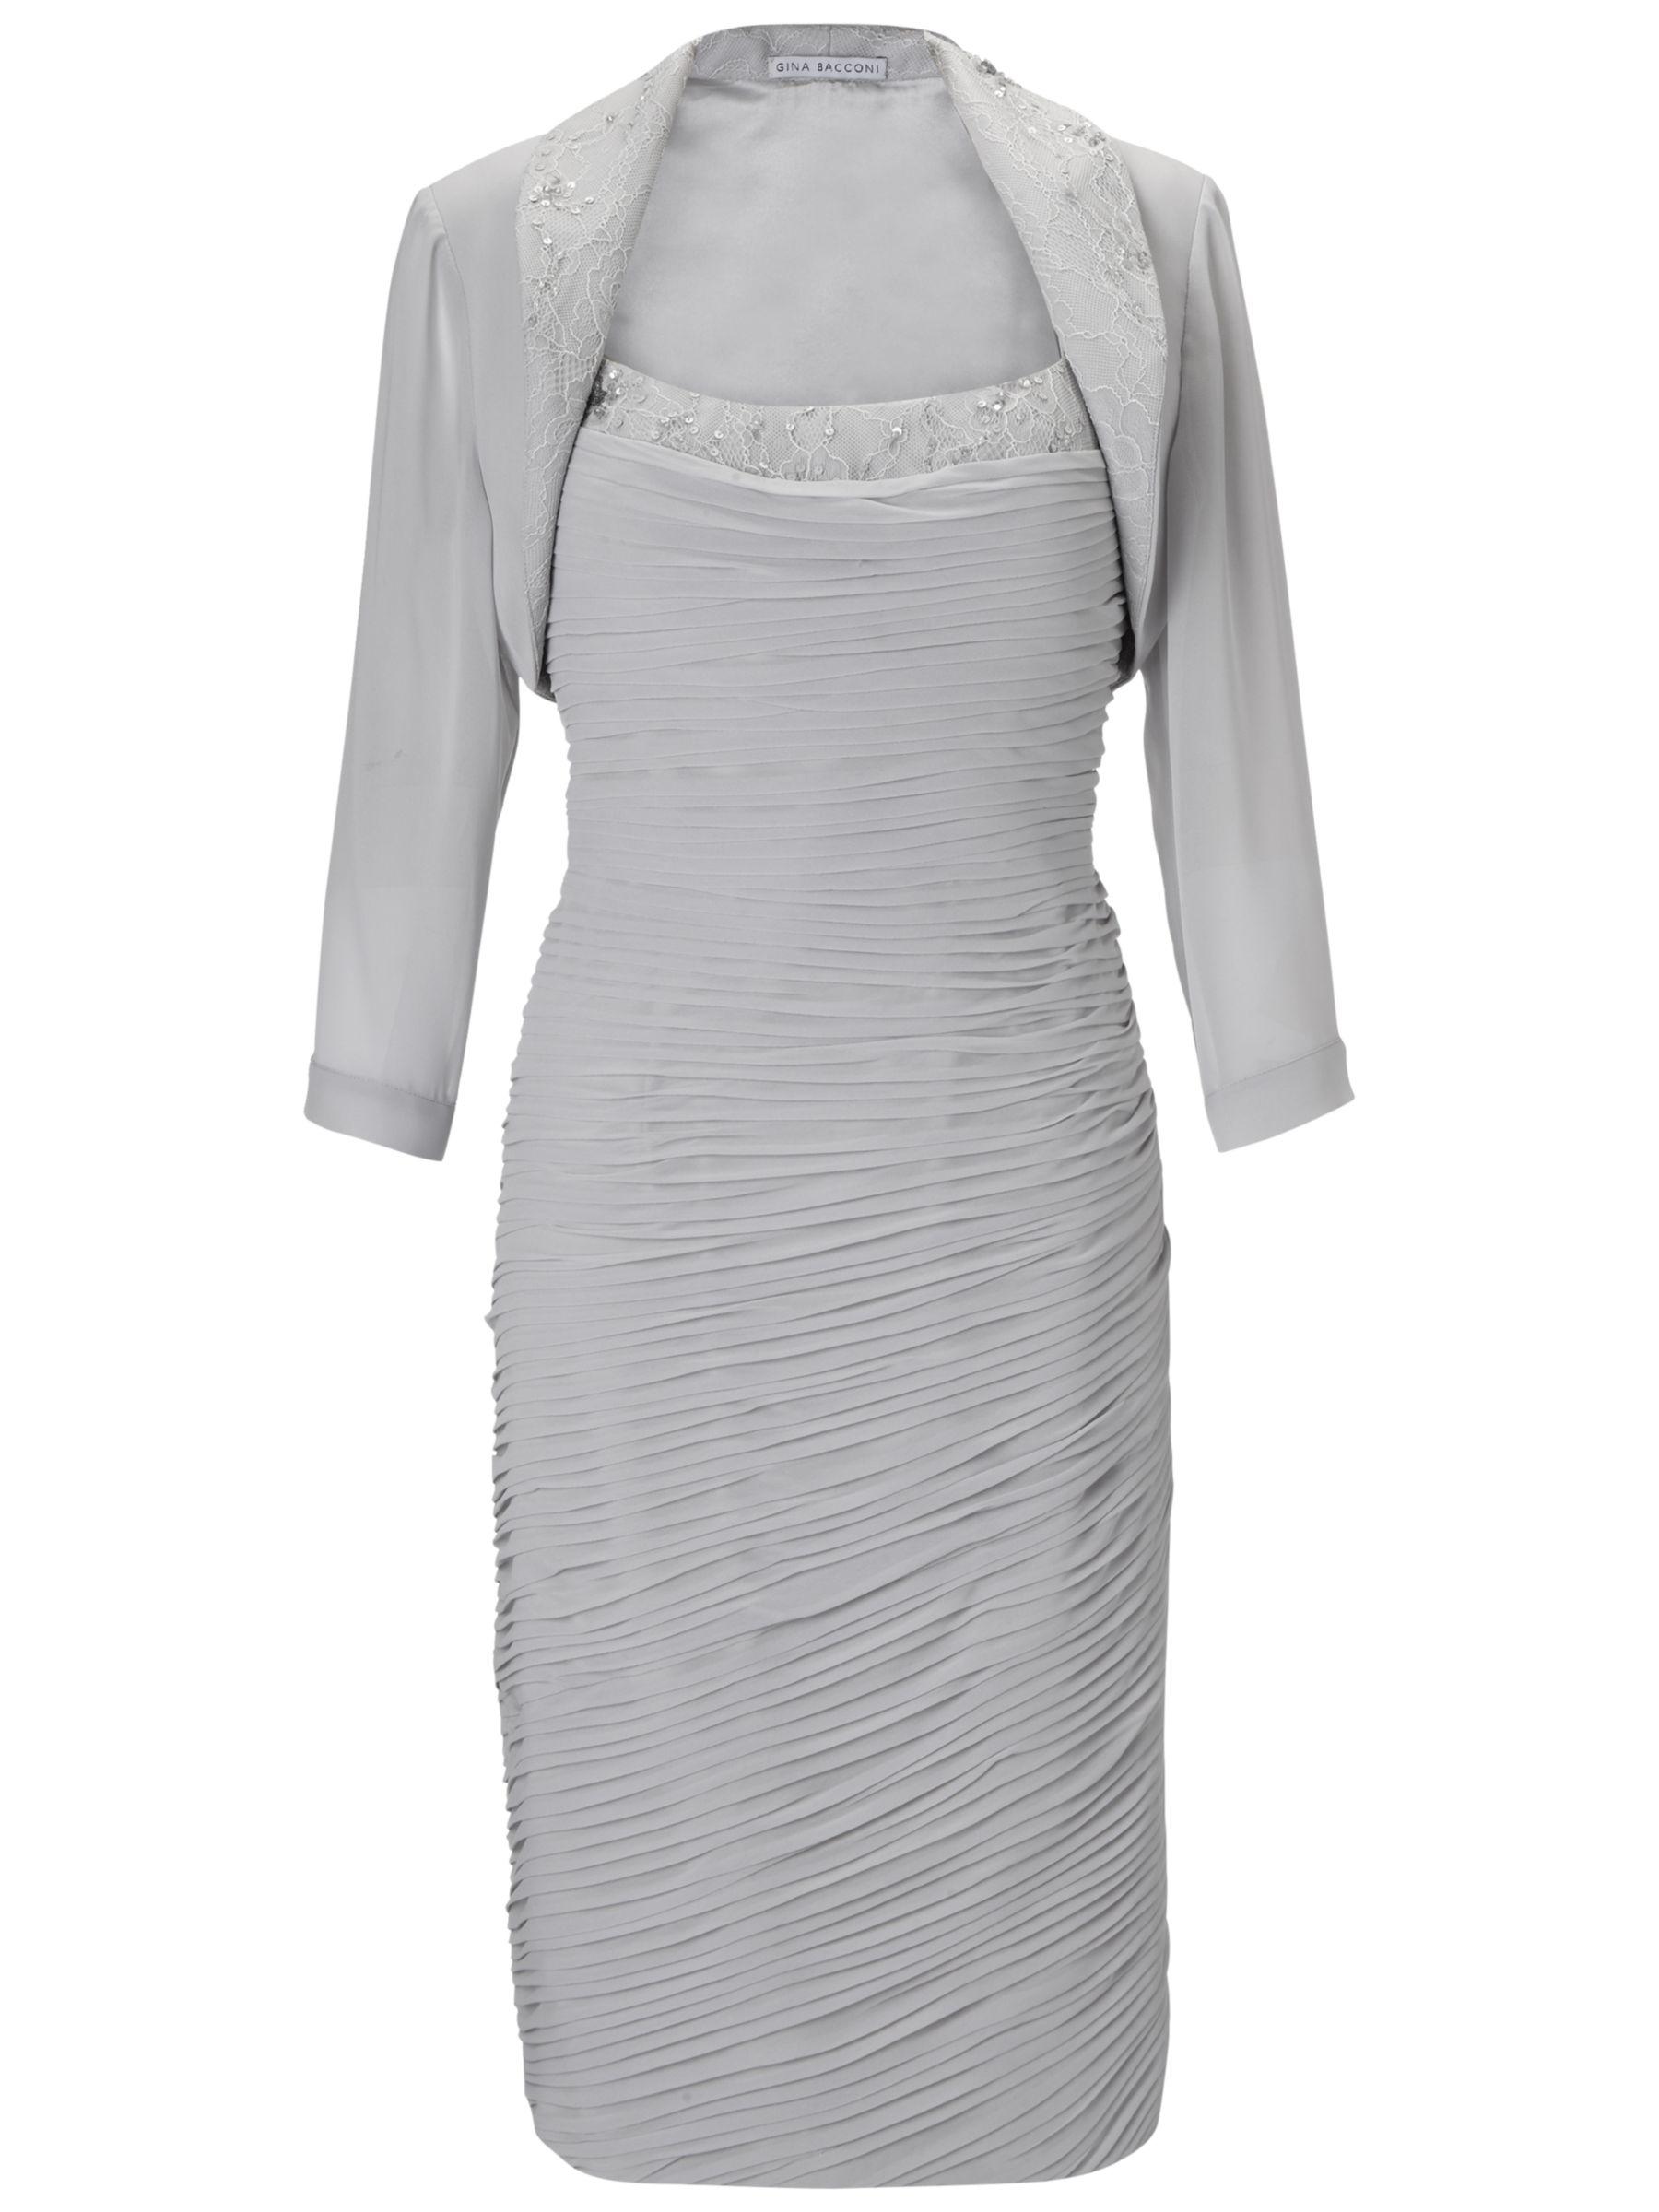 Gina Bacconi Cowl Neck Chiffon Bolero Dress, Silver